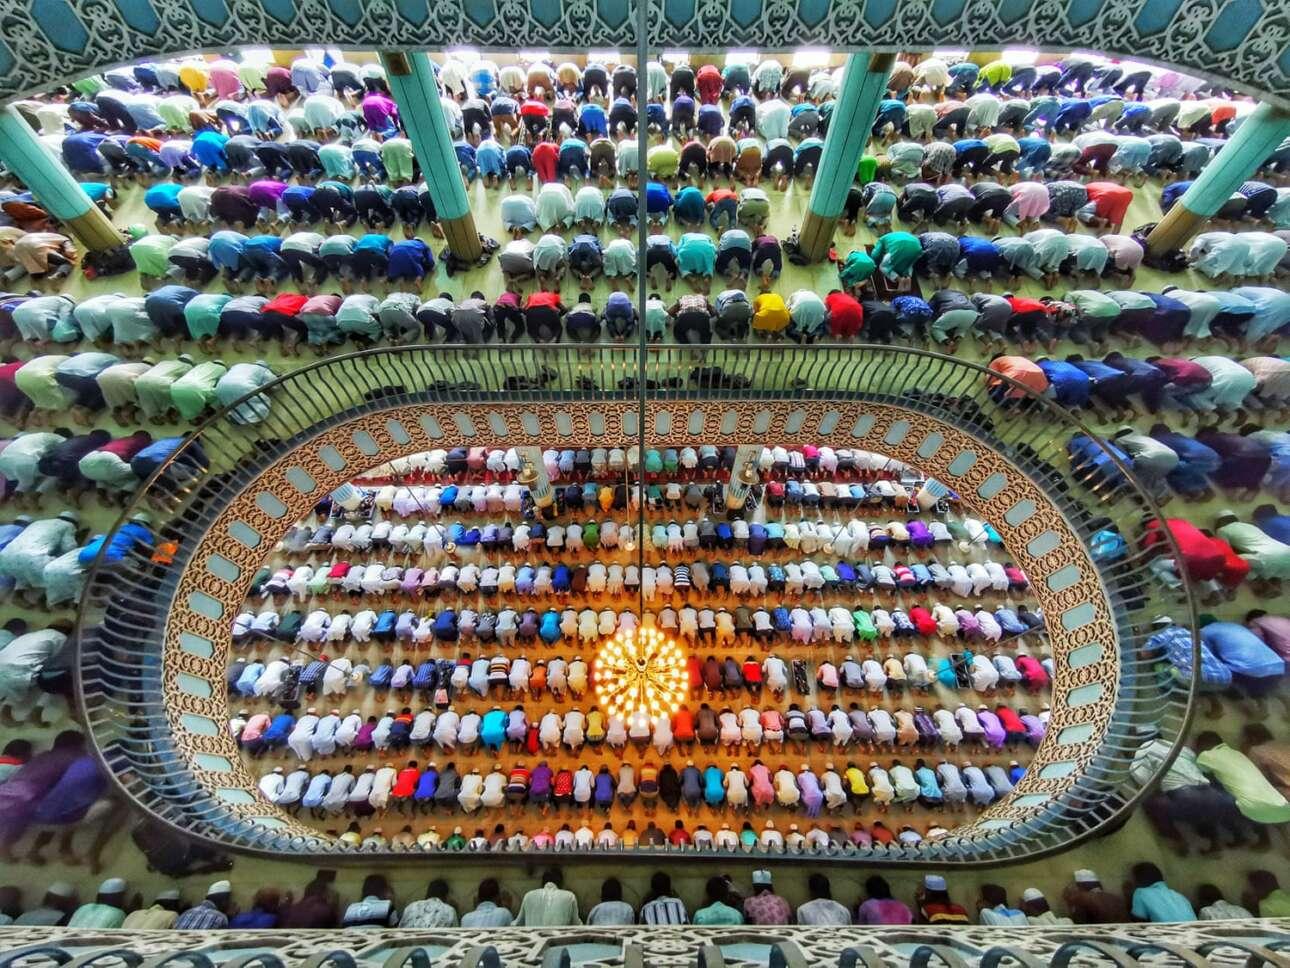 Βραβείο στην κατηγορία Κινητό/Τάμπλετ. Χιλιάδες πιστοί συγκεντρώνονται για να προσευχηθούν μαζί σε ένα από τα μεγαλύτερα τζαμιά του κόσμου στη Ντάκα, στο Μπανγκλαντές